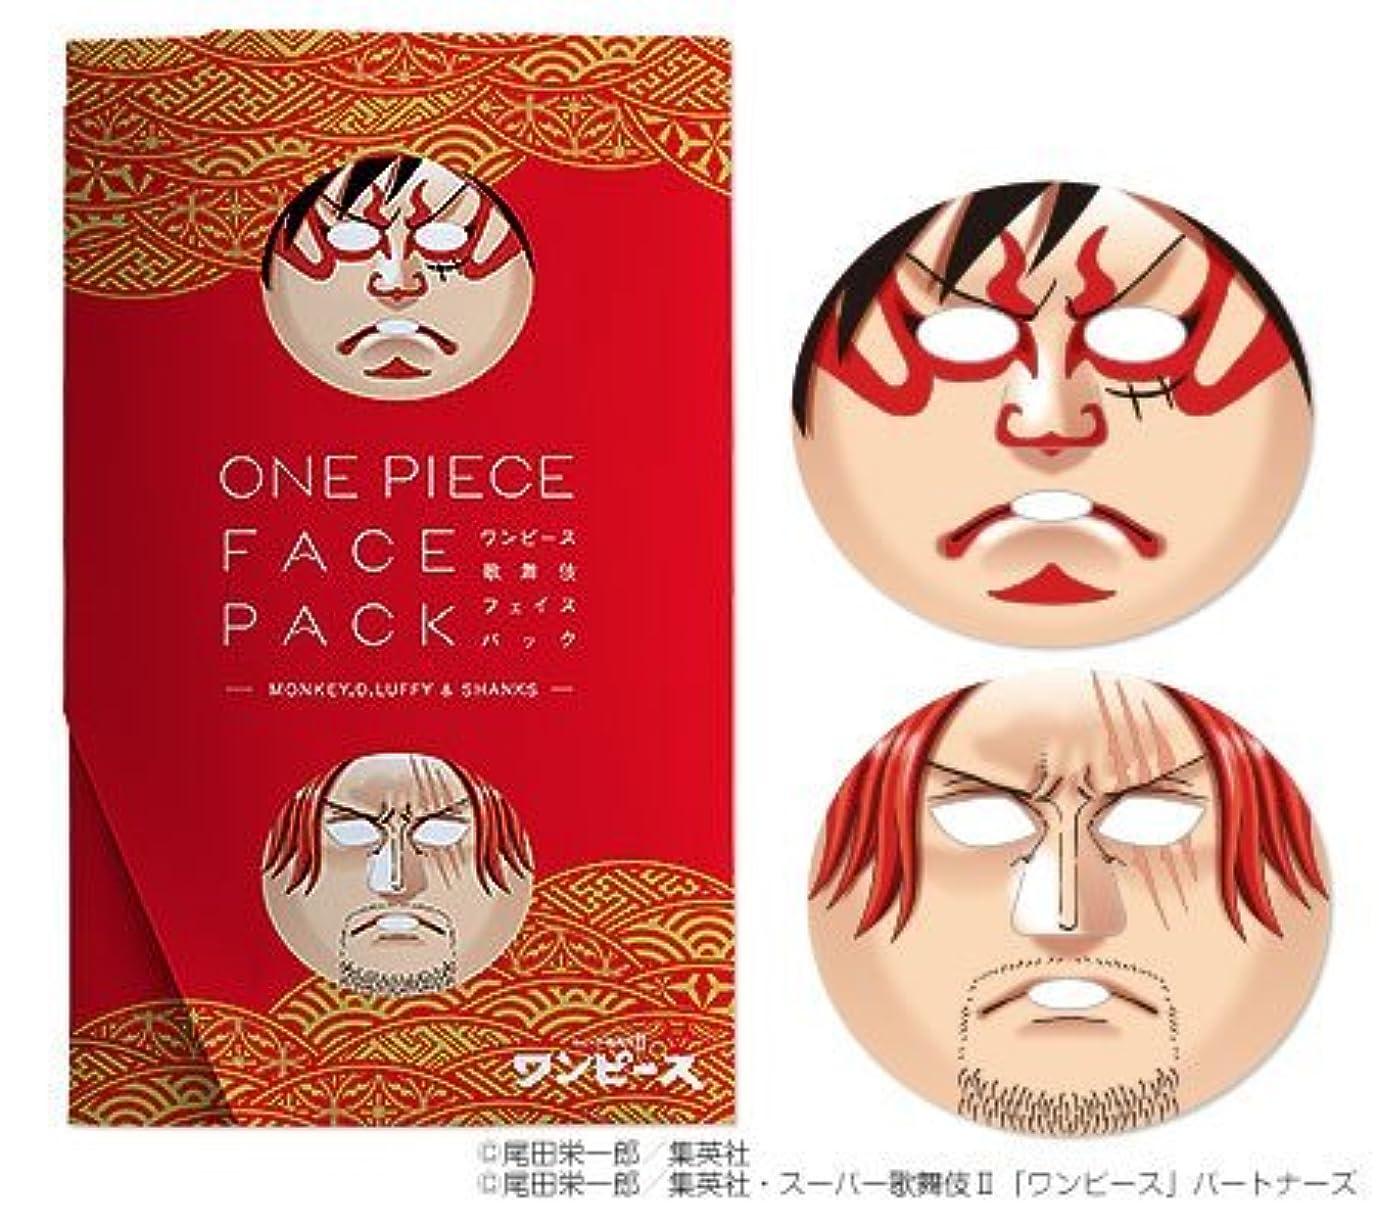 閲覧する鋭く項目ワンピース 歌舞伎 フェイスパック (モンキー.D.ルフィ&赤髪のシャンクス)